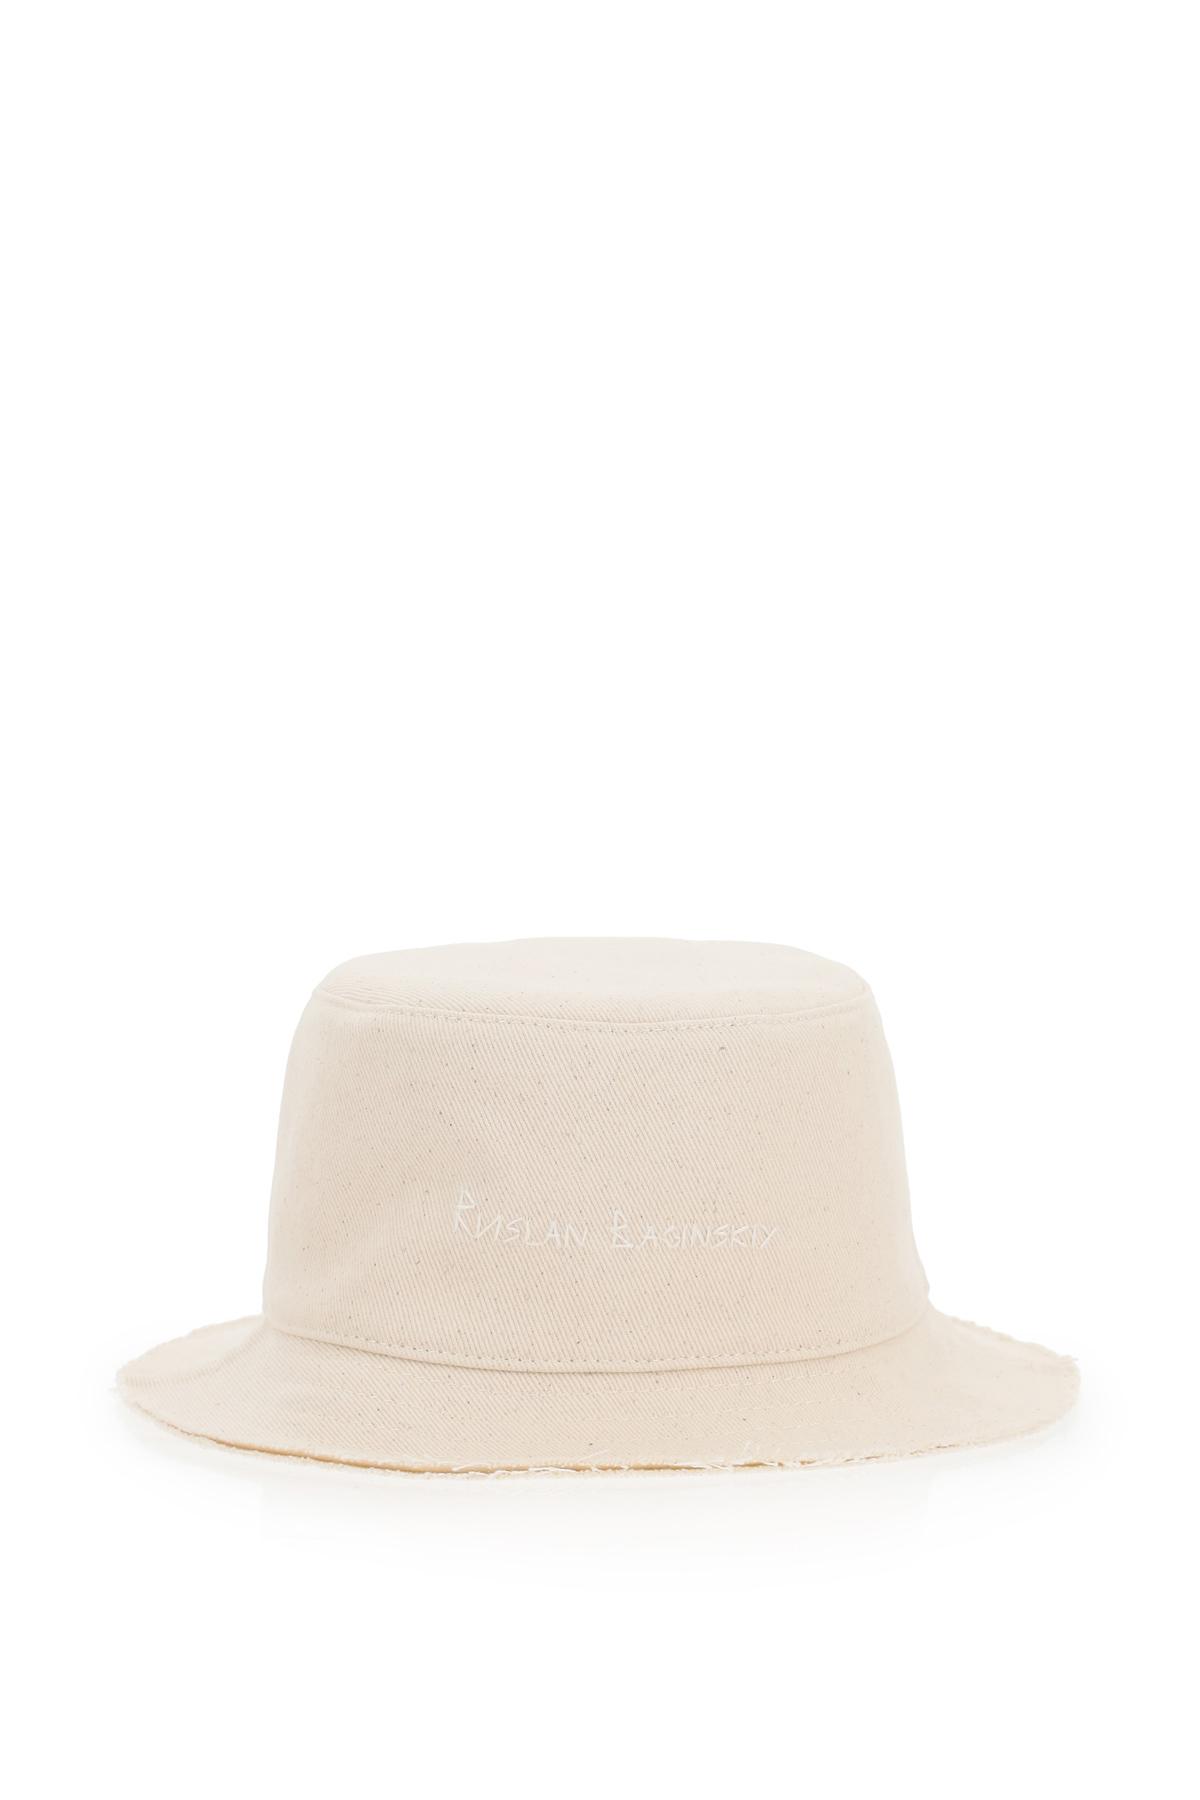 Ruslan baginskiy cappello bucket twill con perle e conchiglie